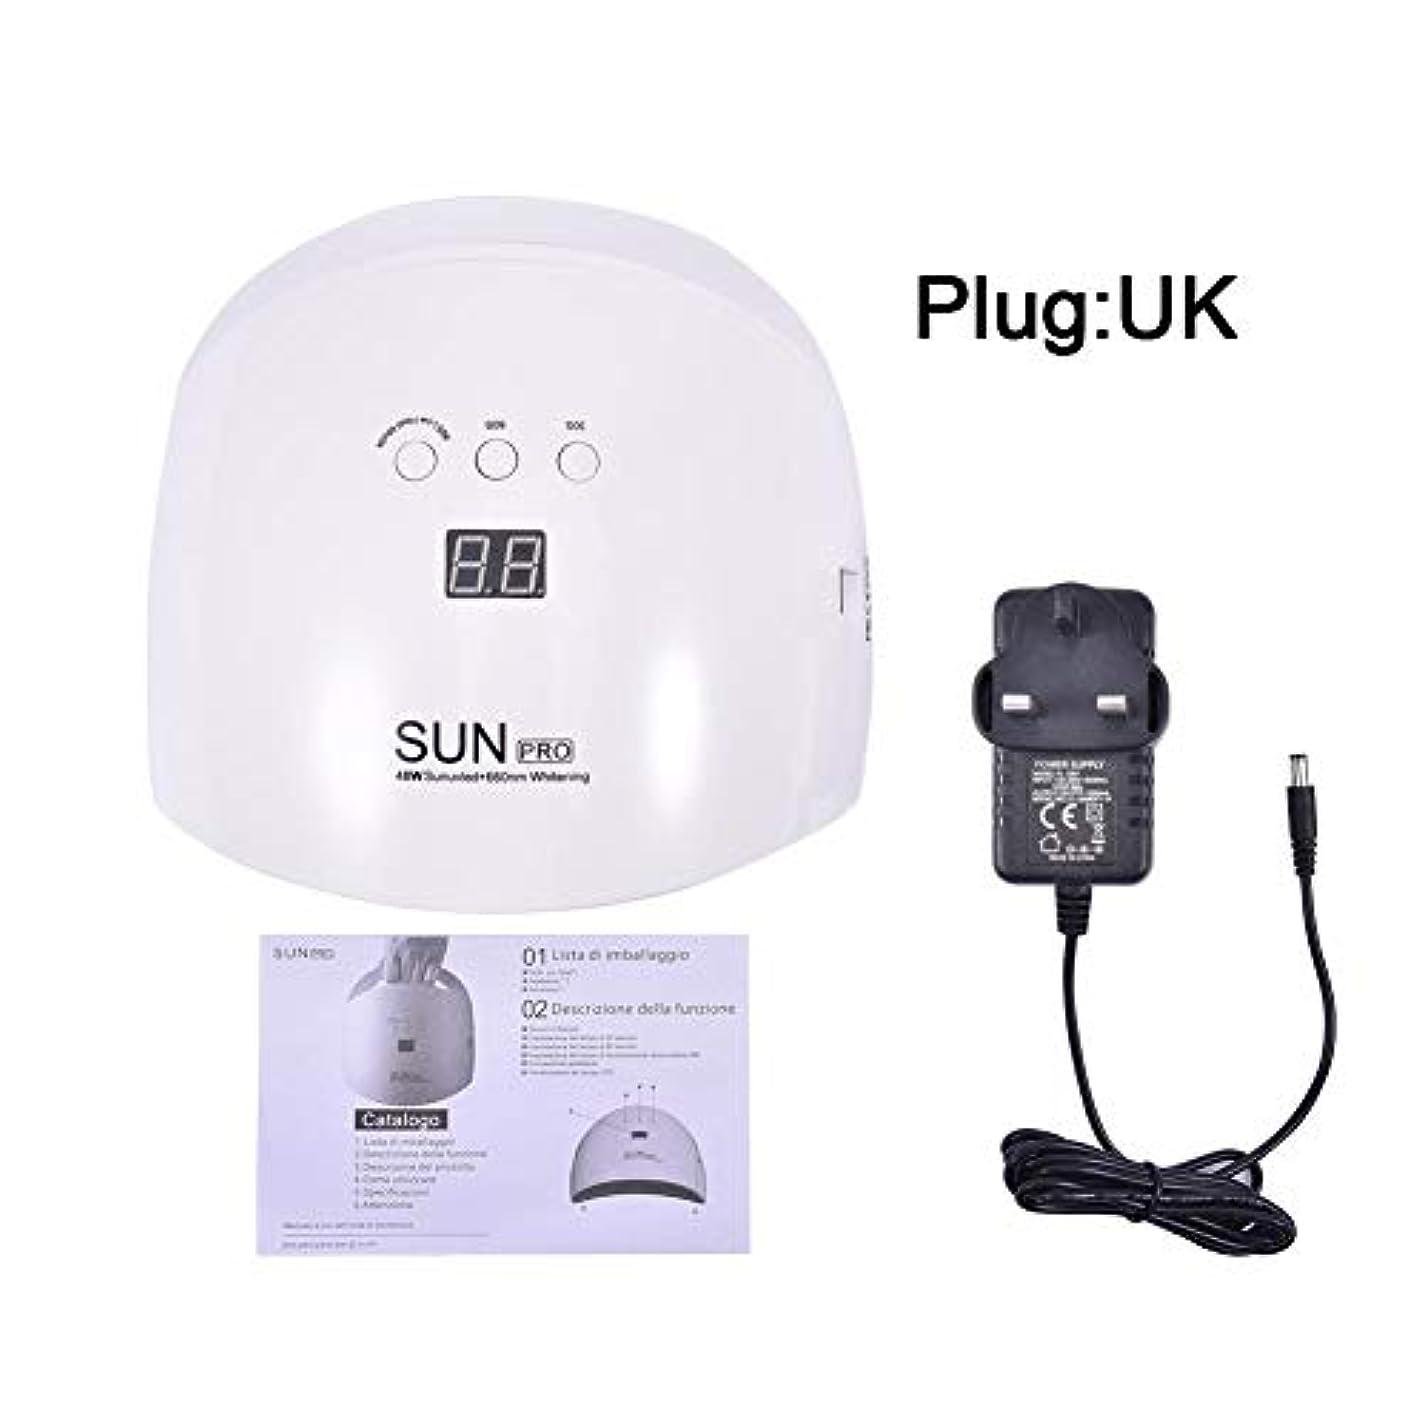 うんざり前兆ロゴ48W Dual Light Source Nail Light Therapy Lamp 23 LED Induction Nail Dryer Suitable For All Gel Nails Beauty And Health Nails